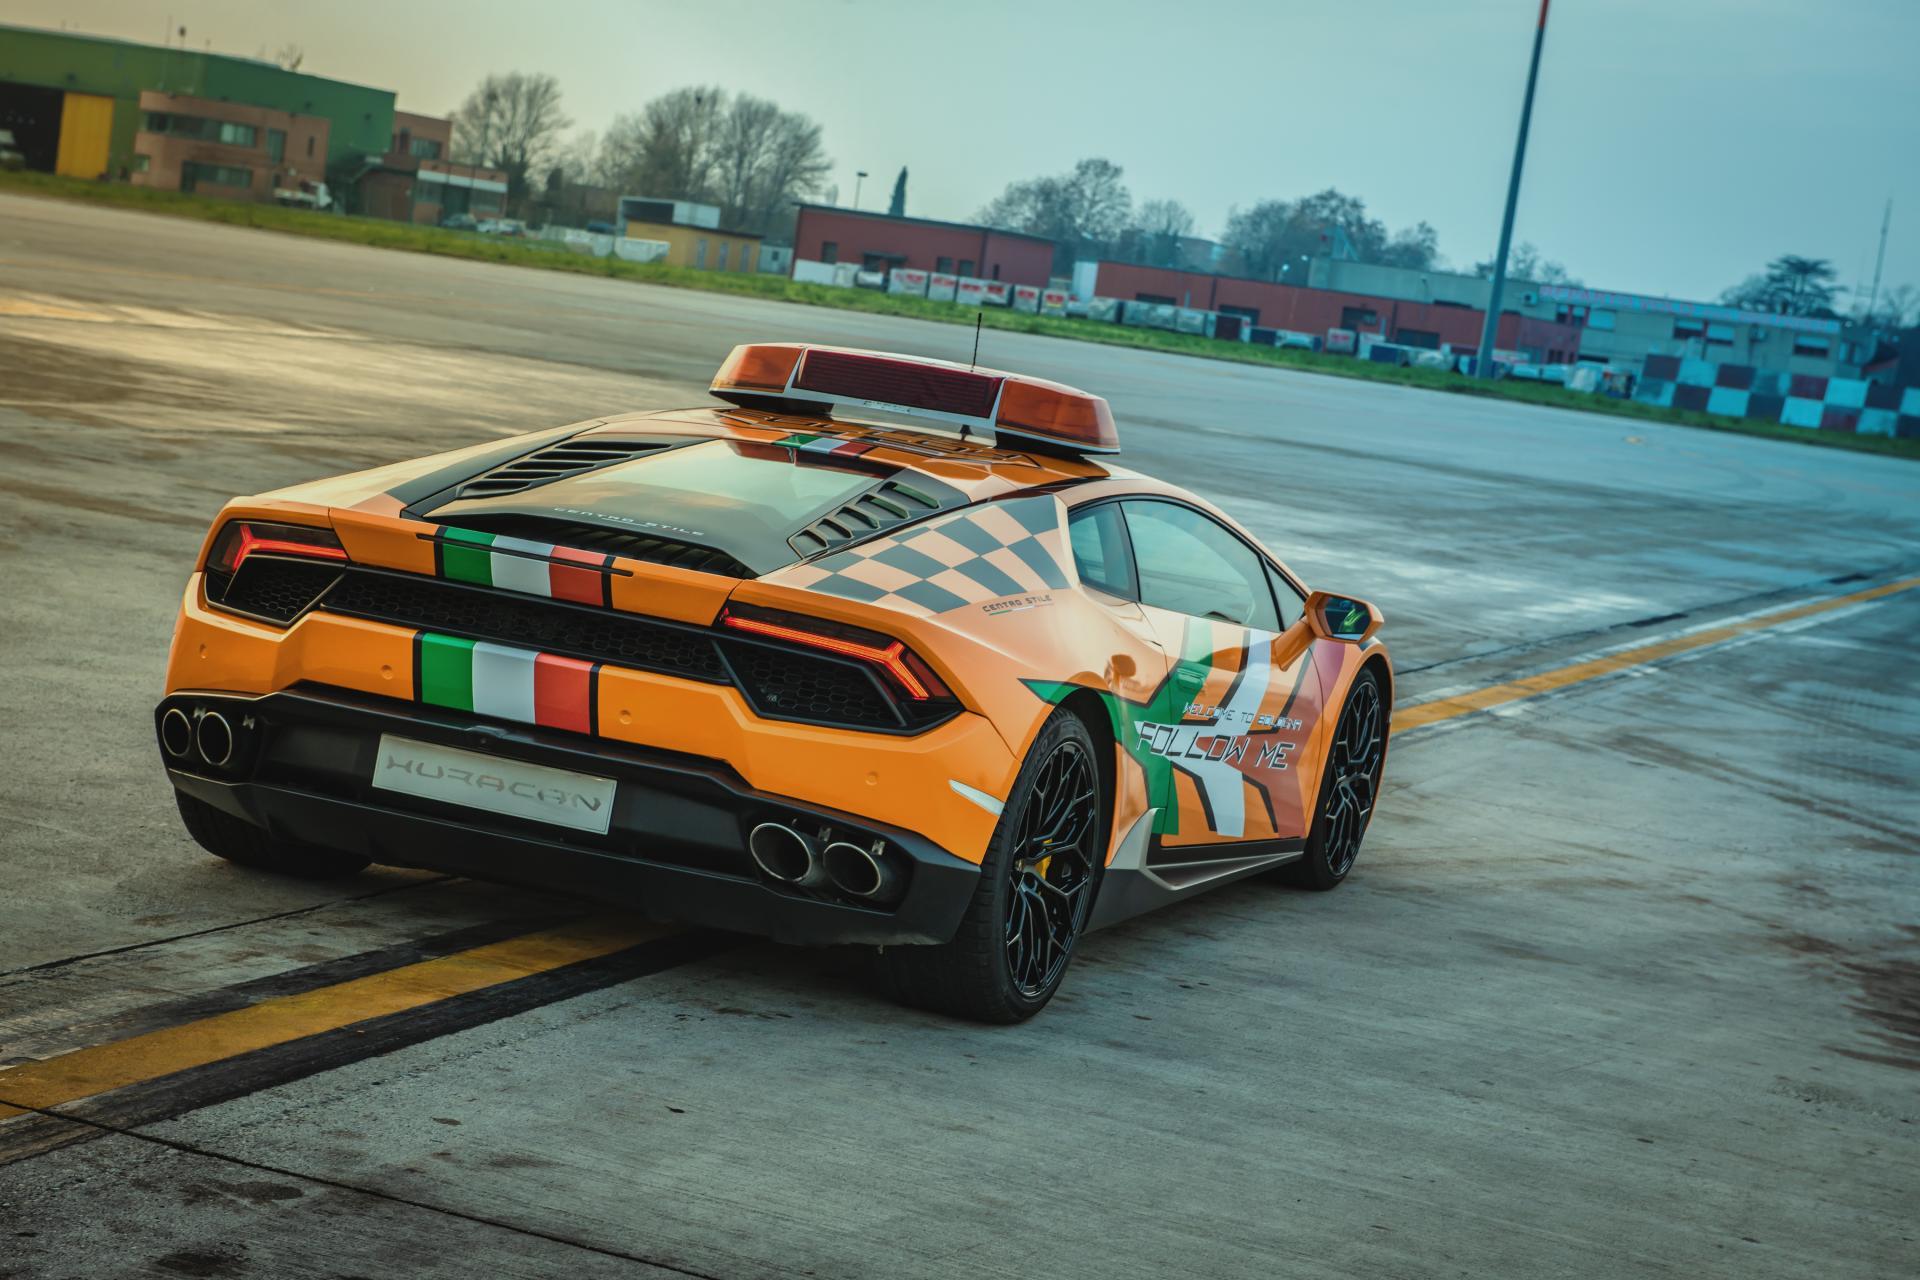 Lamborghini-Huracan-RWD-Follow-Me-Car-Bologna-Airport-8